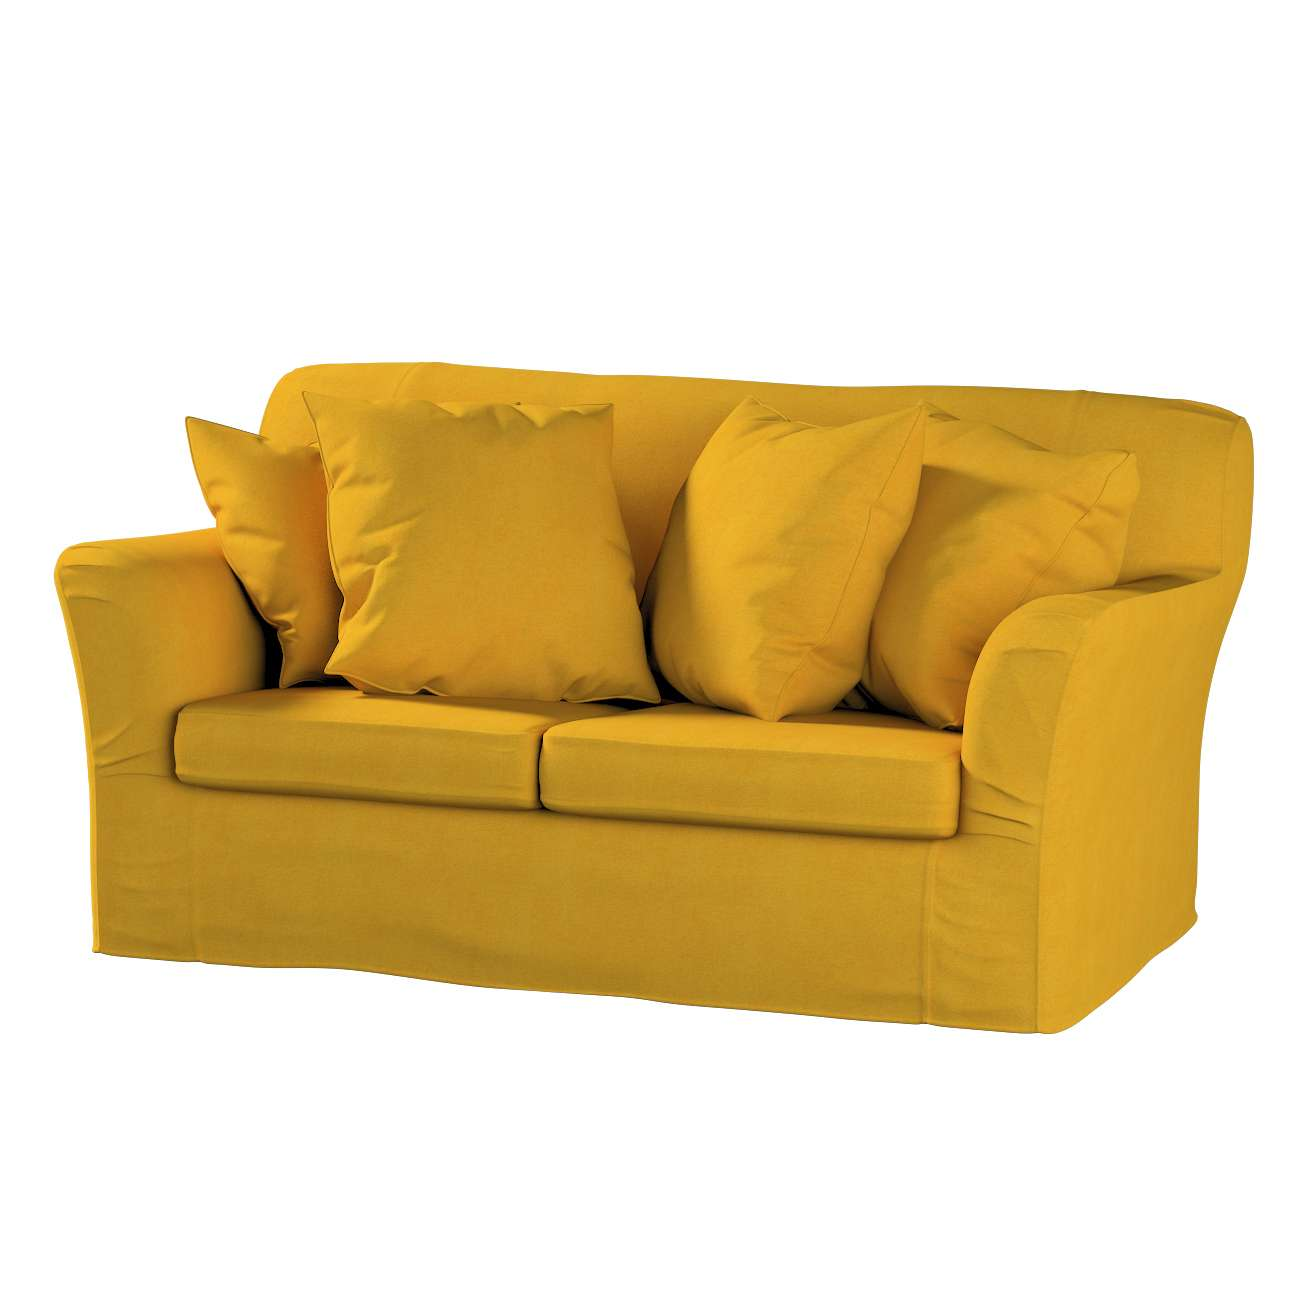 Tomelilla 2-seater sofa cover Tomelilla 2-seat sofa in collection Etna, fabric: 705-04